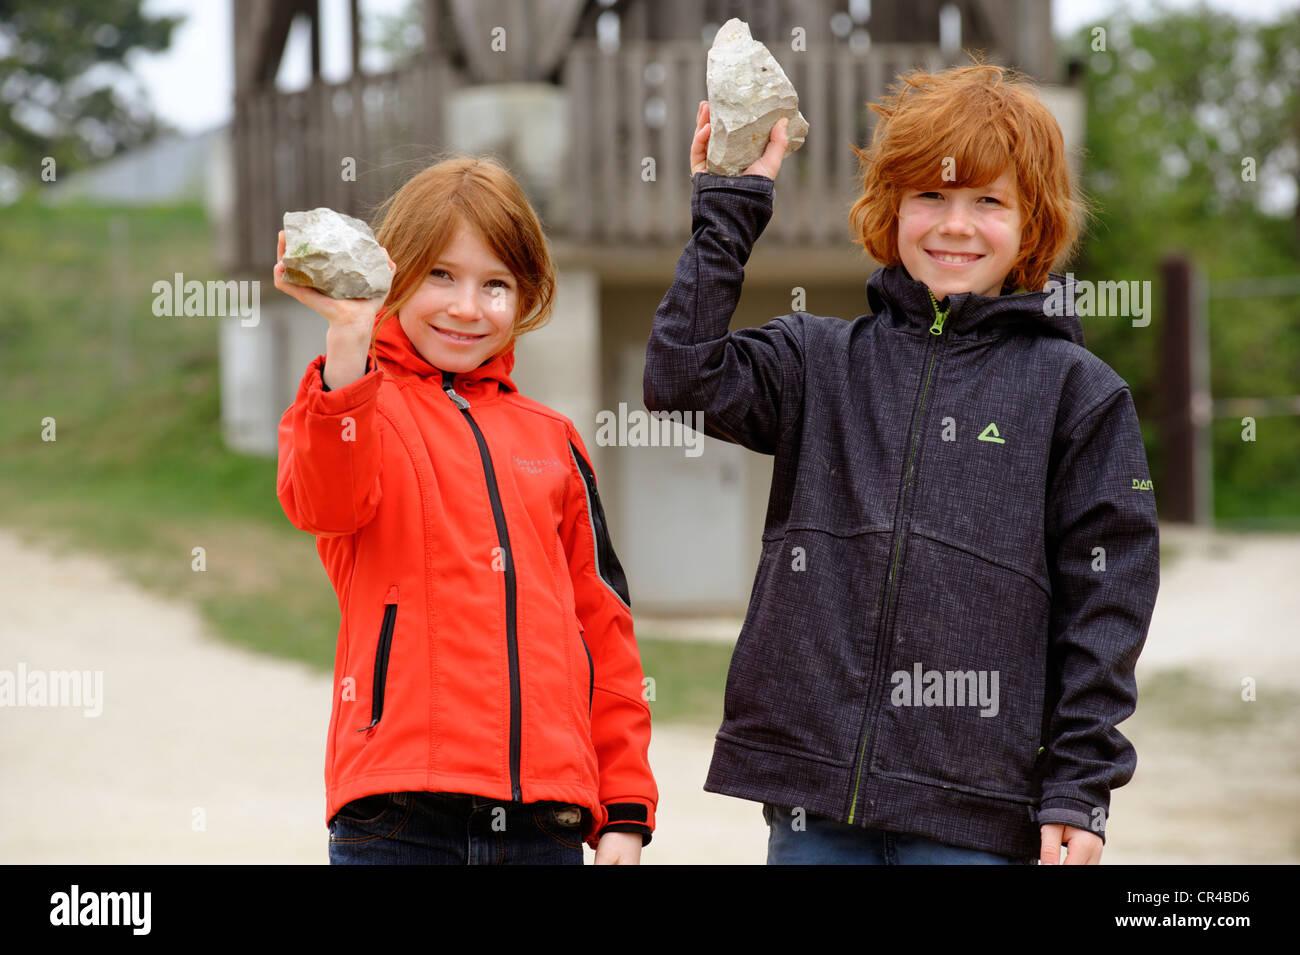 Deux enfants tenant des pierres contenant des fossiles de la rupture des roches en Hohenmirsberger Geozentrum Platte, Photo Stock